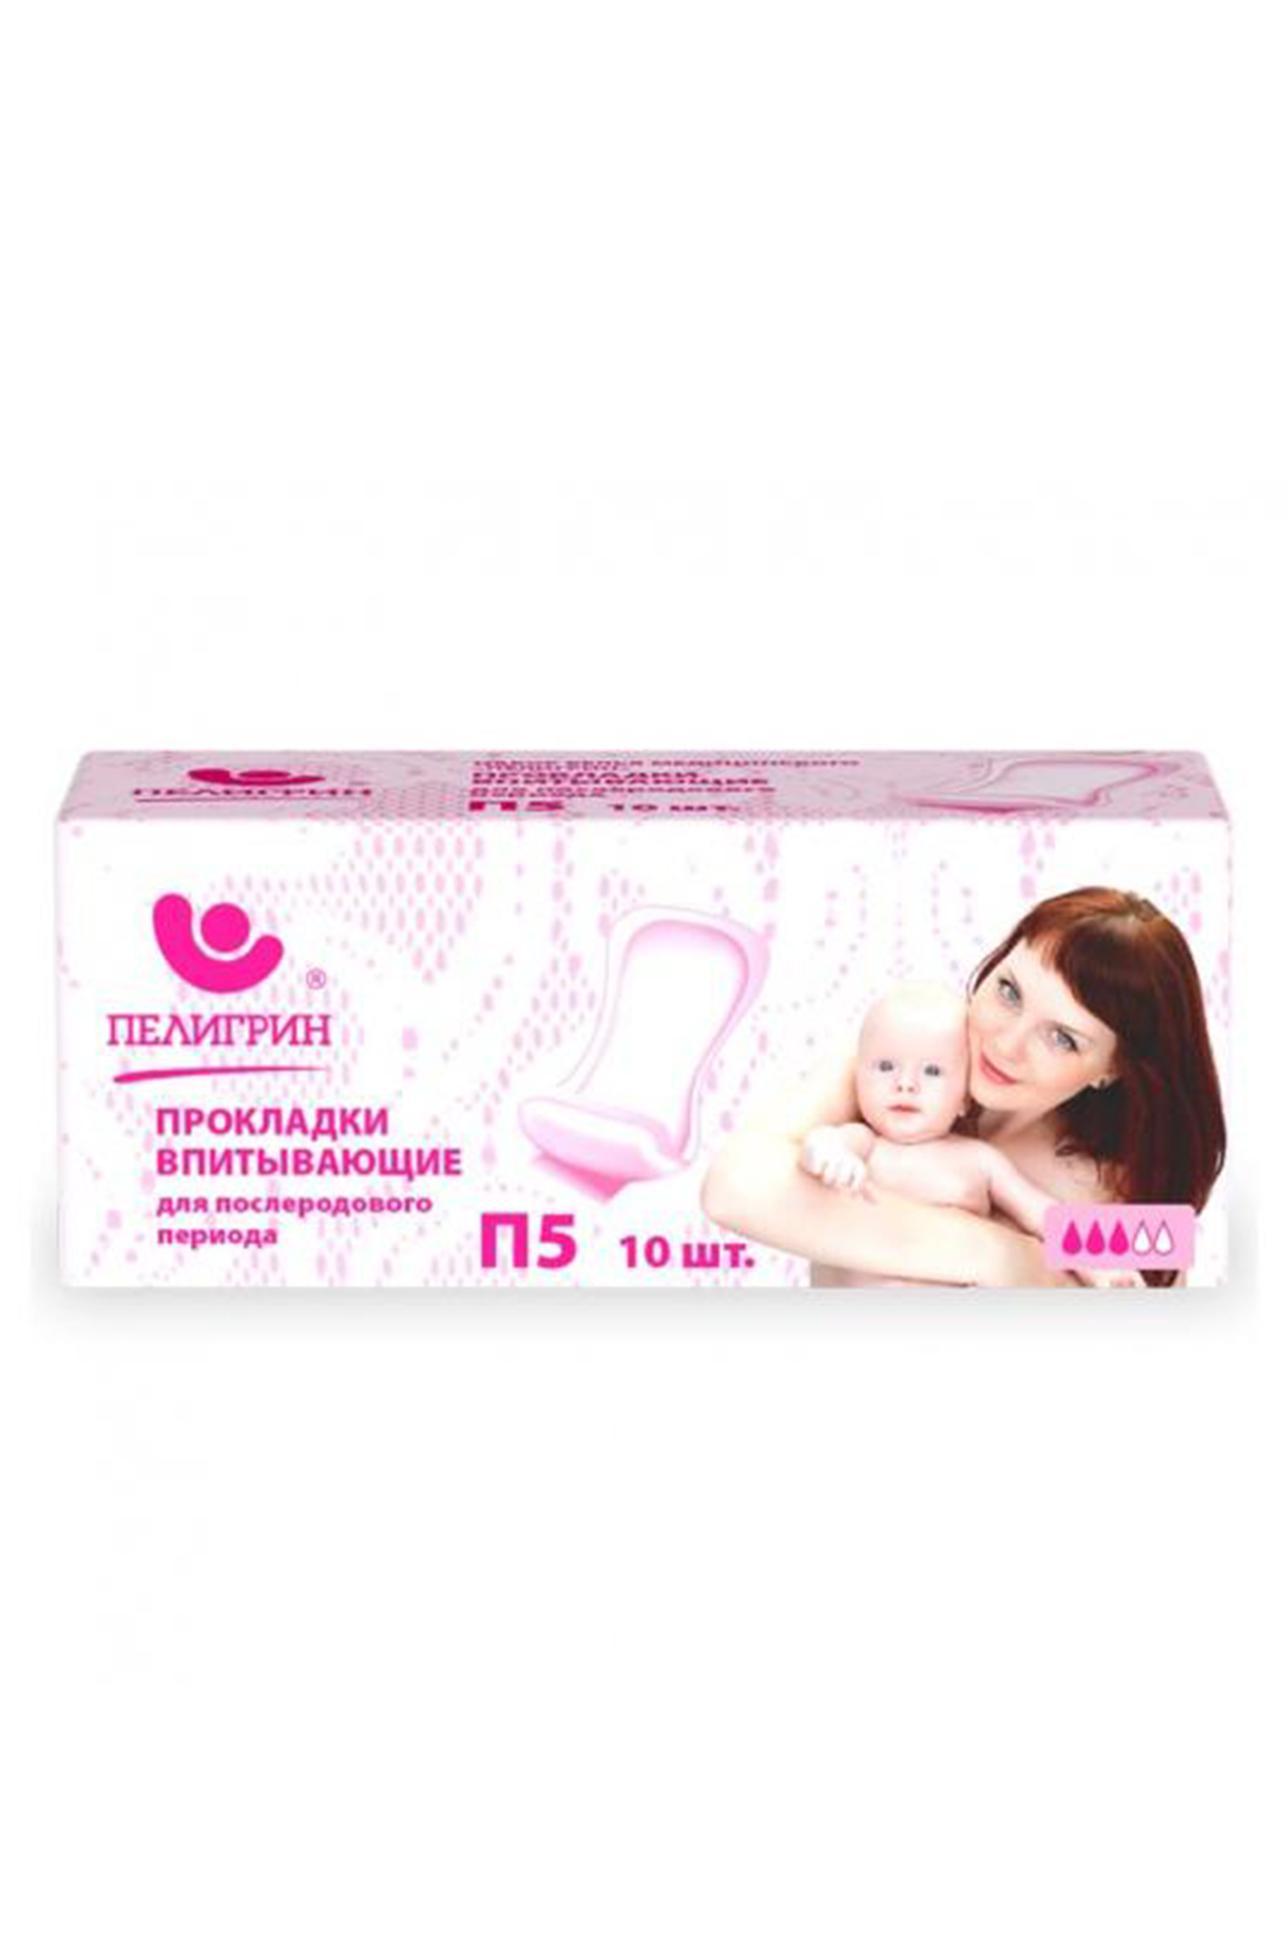 Прокладки впитывающие послеродовые по цене 240.00 руб., купить в интернет магазине mamabell.ru